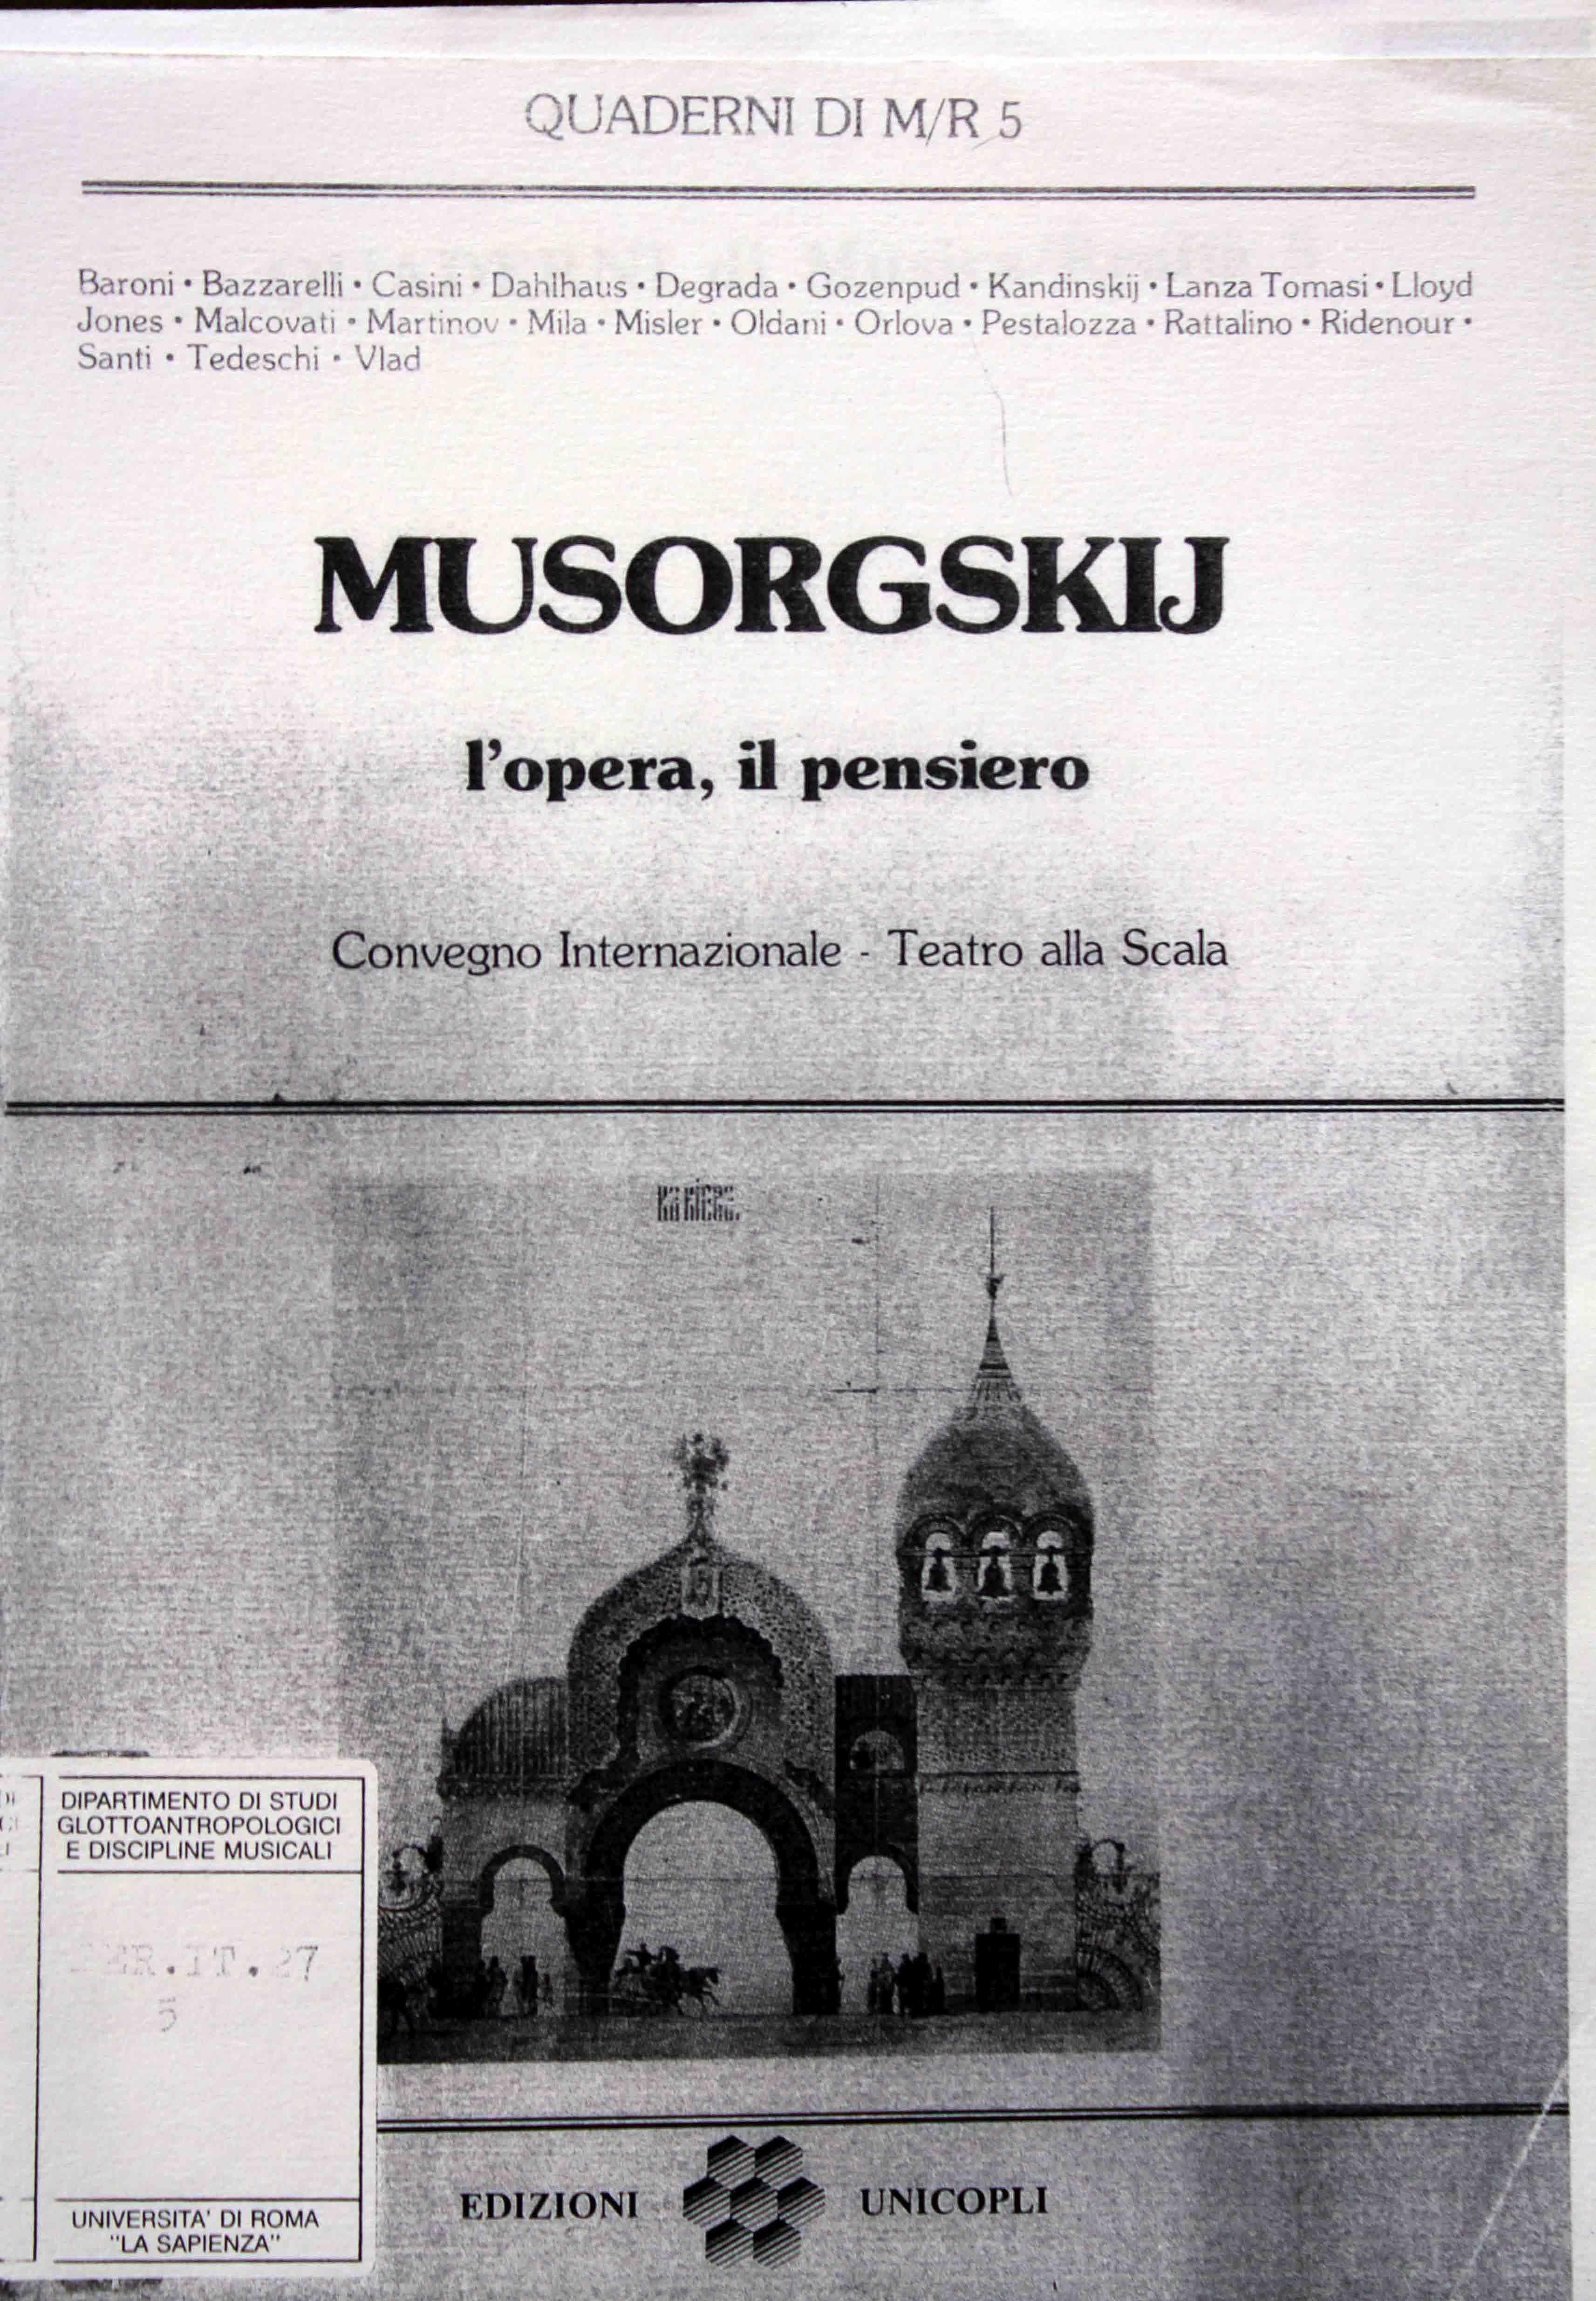 Musorgskij, l'opera, il pensiero